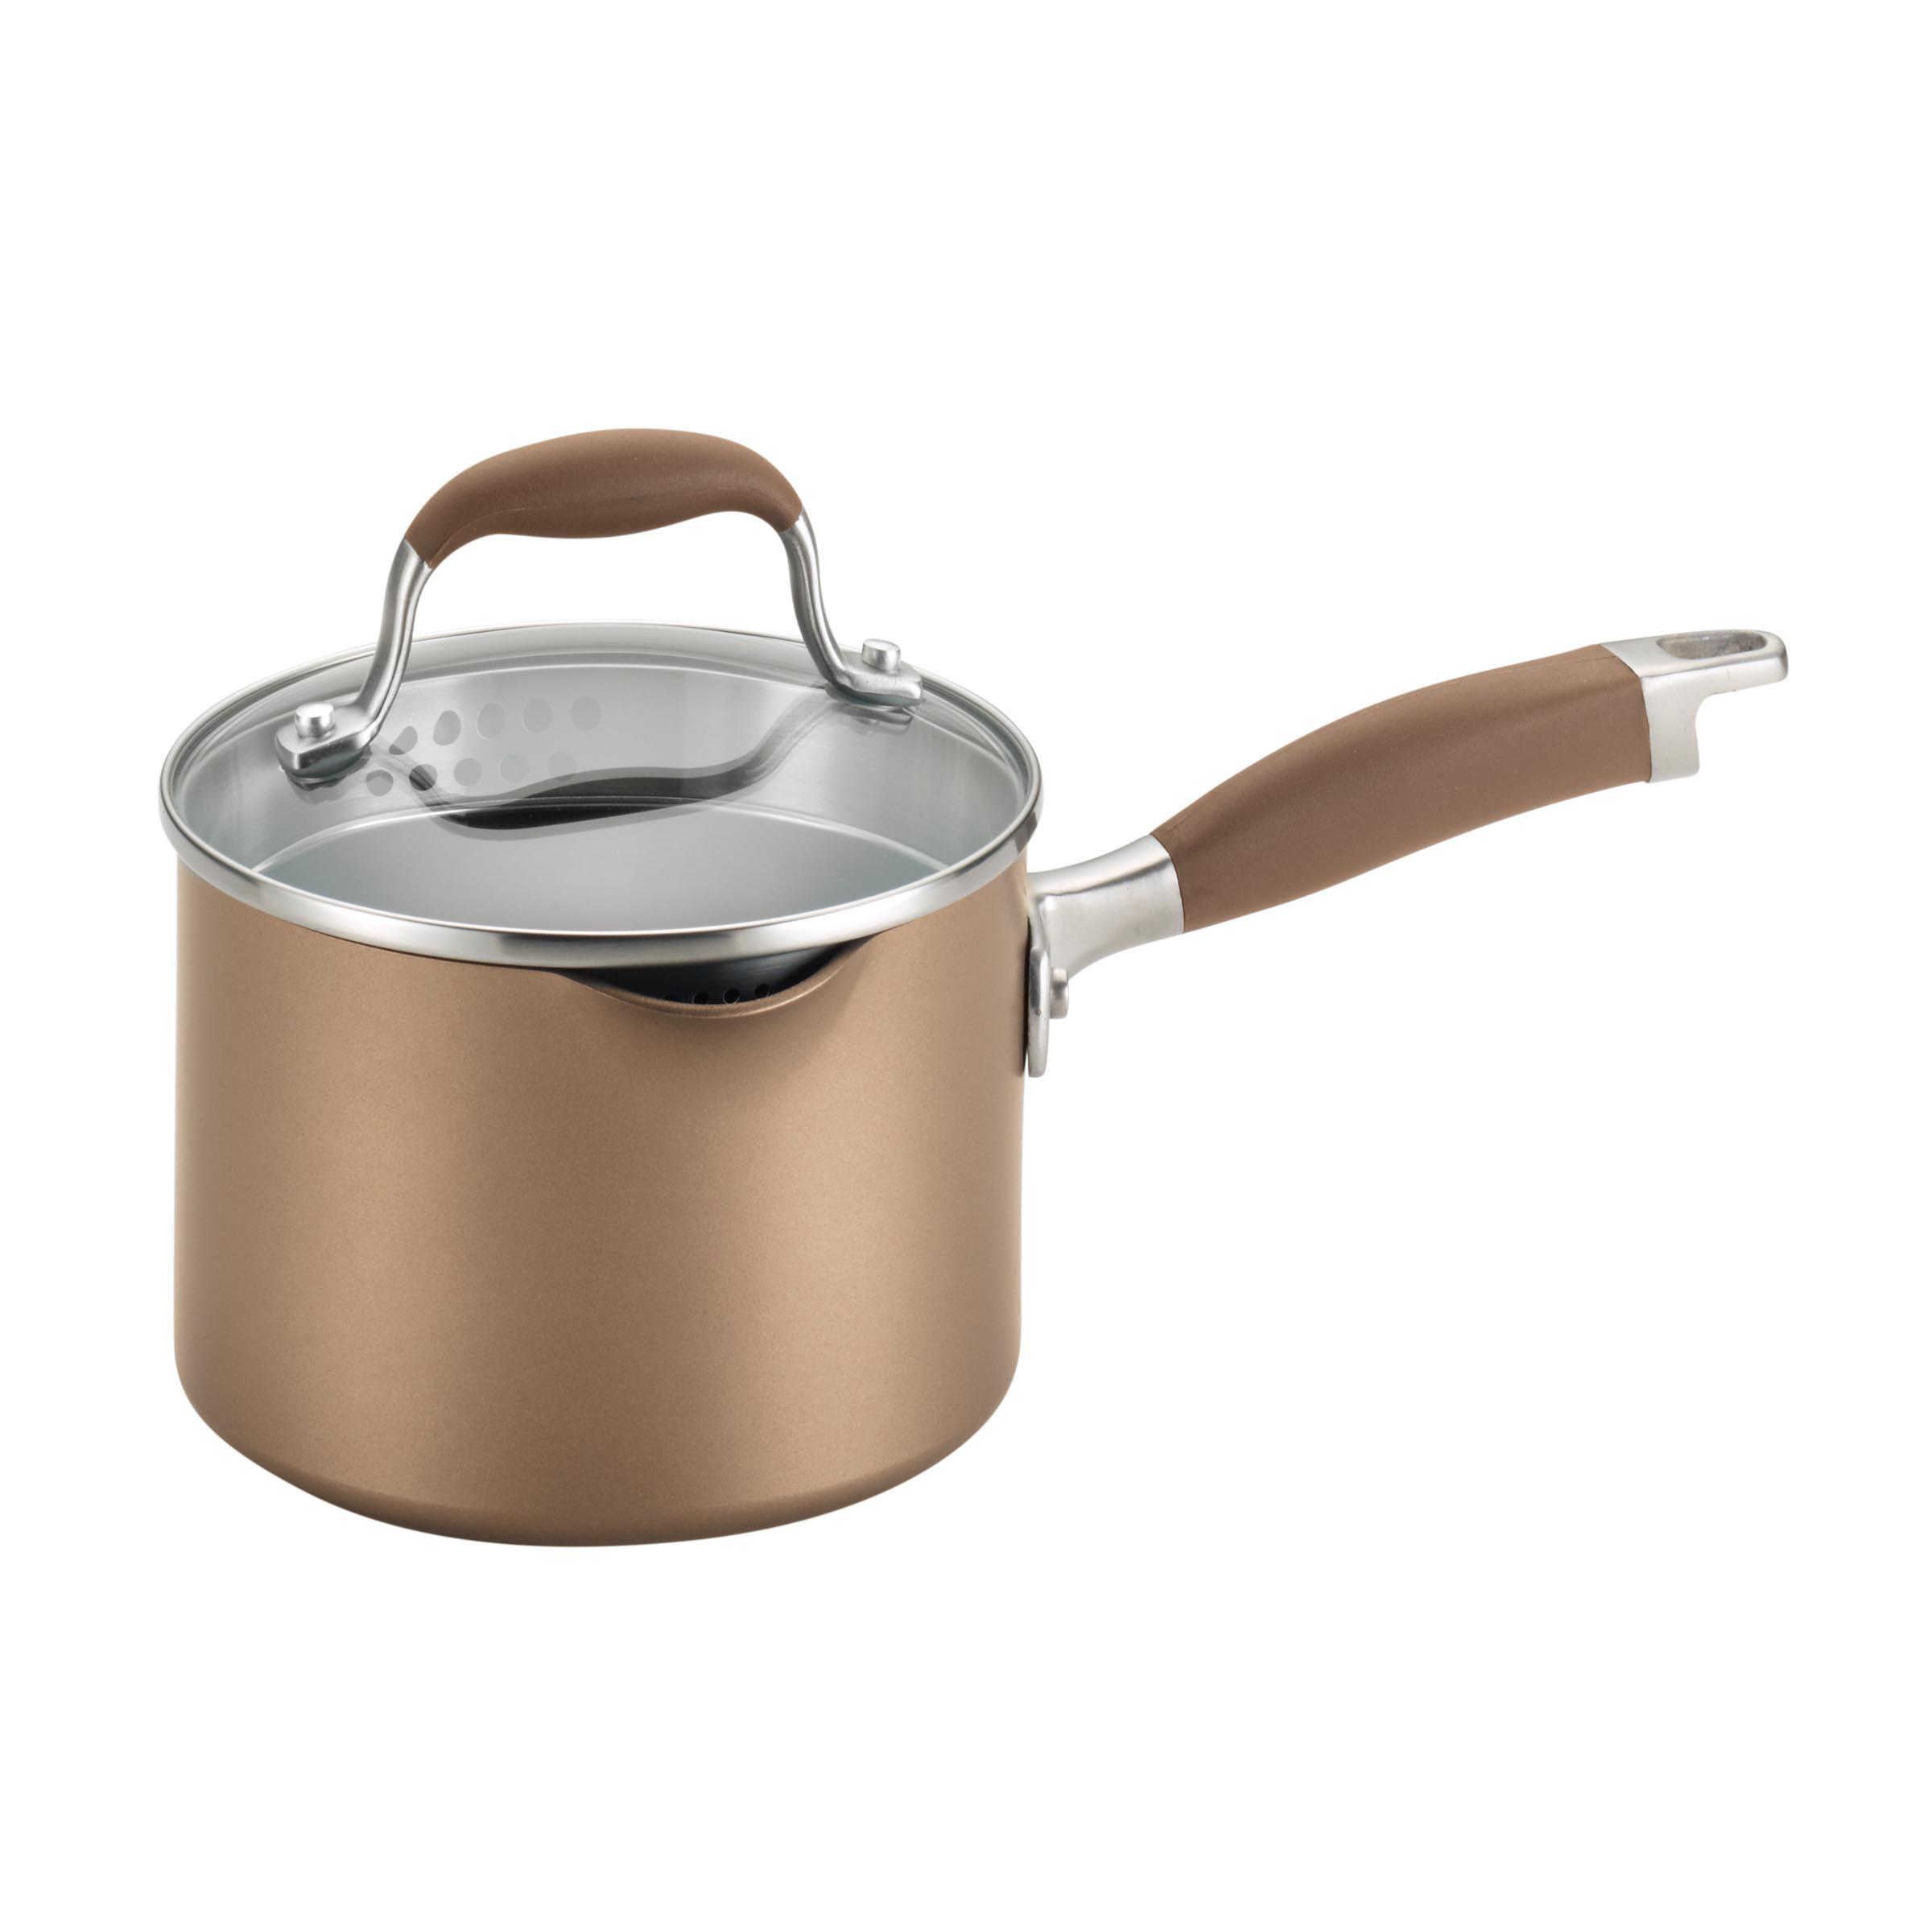 Anolon Advanced Bronze Straining Saucepan with Two Pour Spouts, 2 Quart